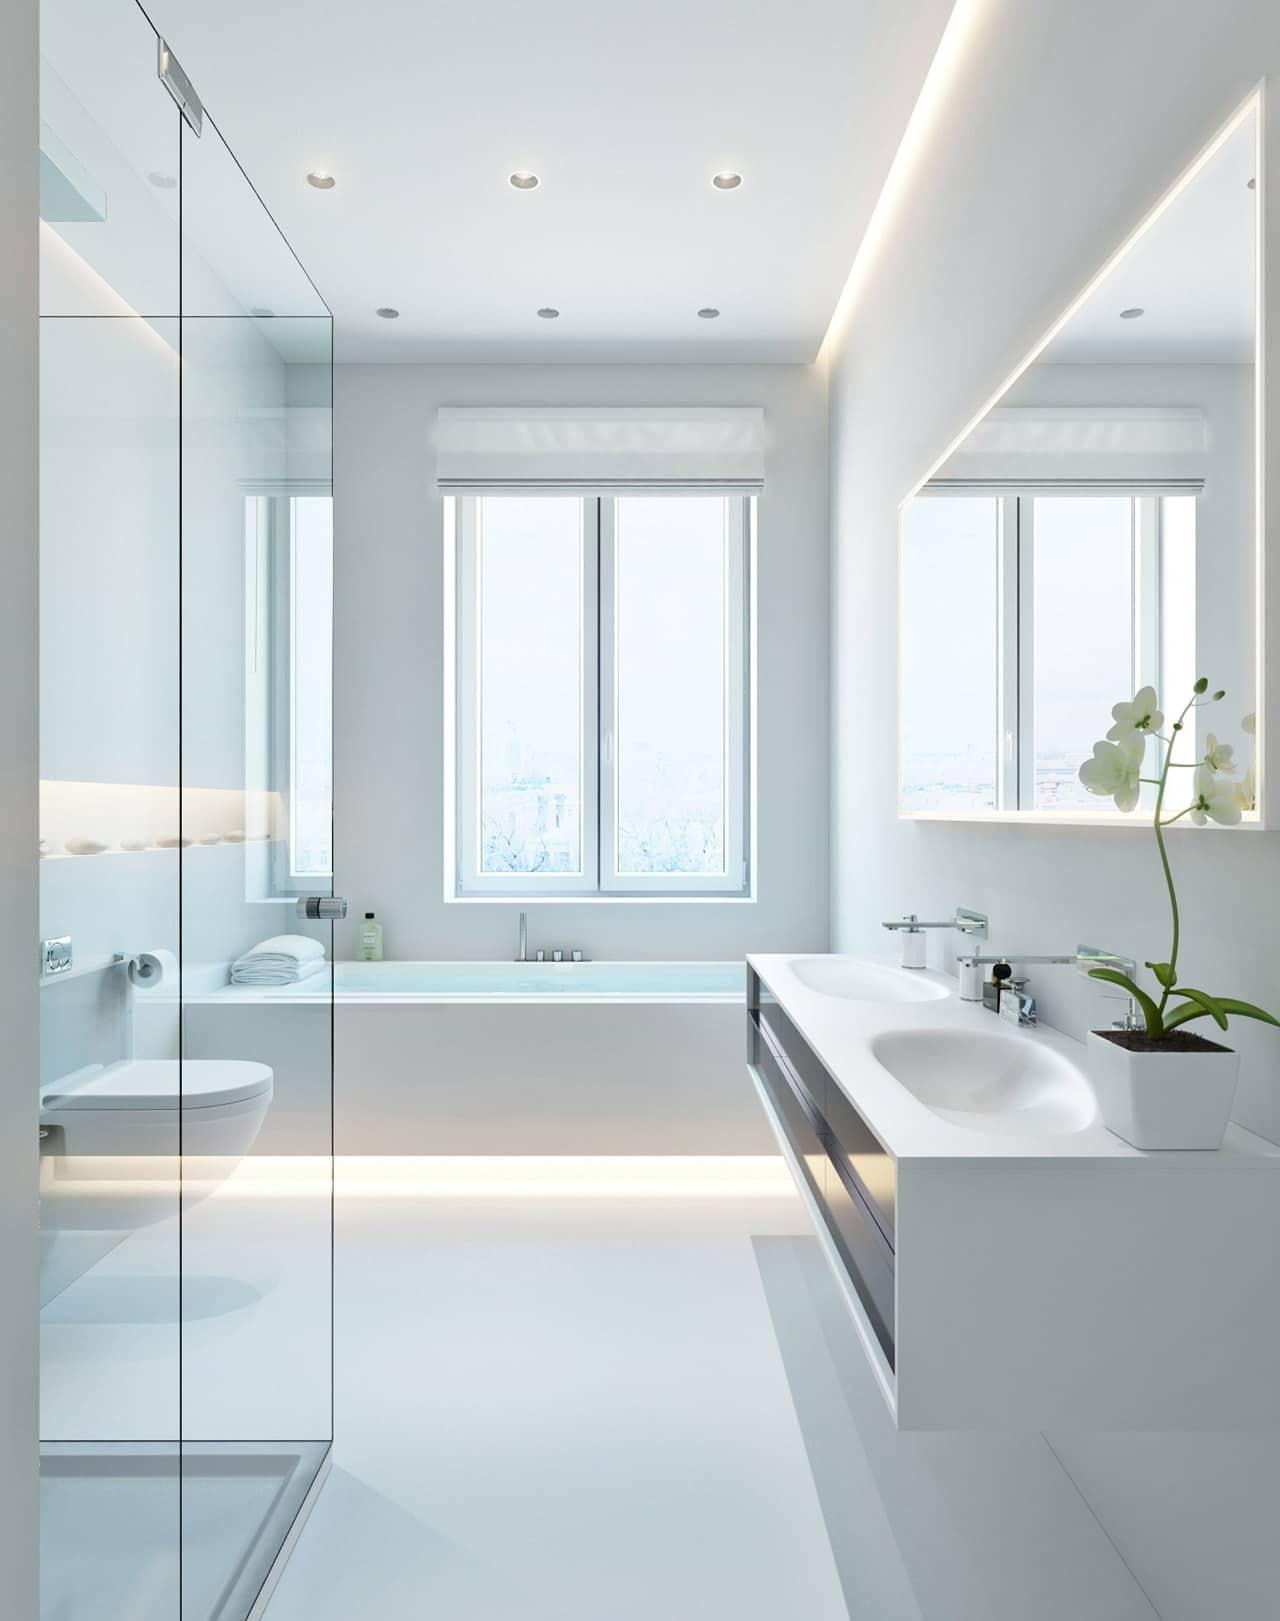 Baño Minimalista Rojo:White Bathroom Lighting